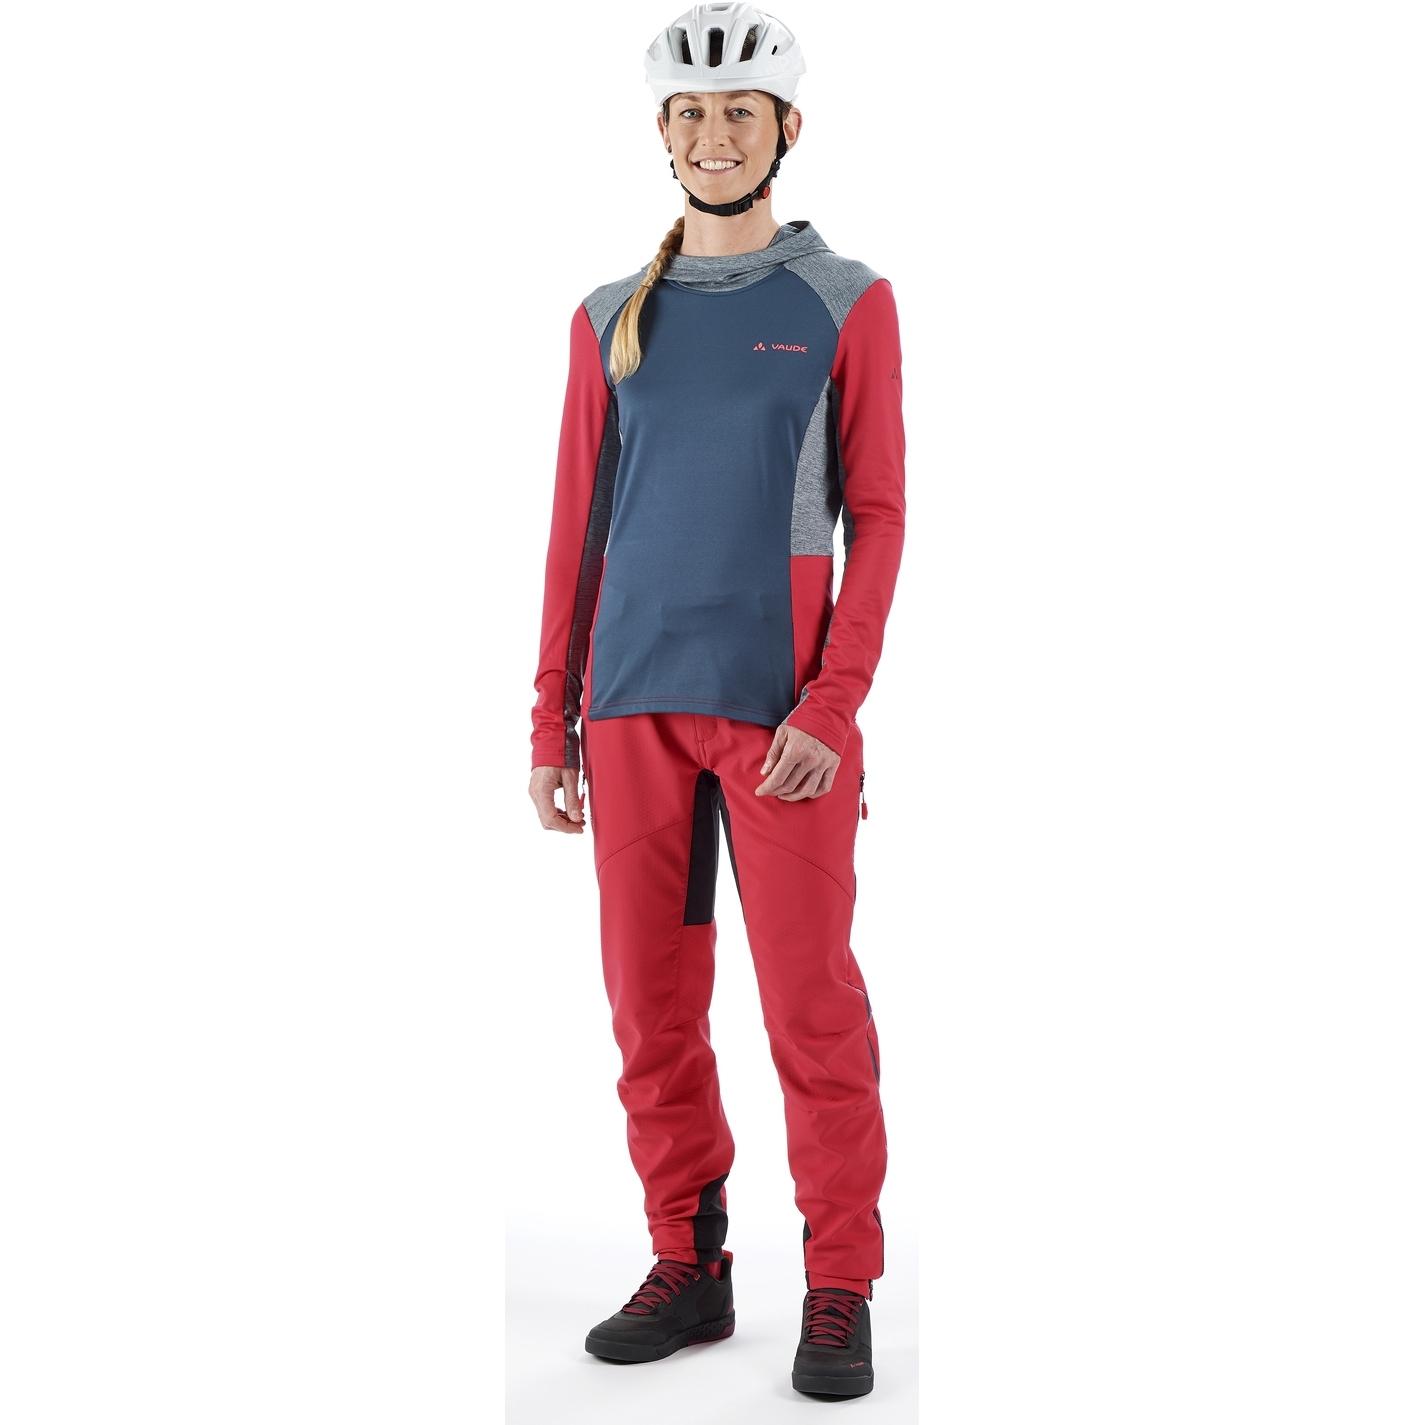 Image of Vaude Women's Qimsa LS T-Shirt - crimson red